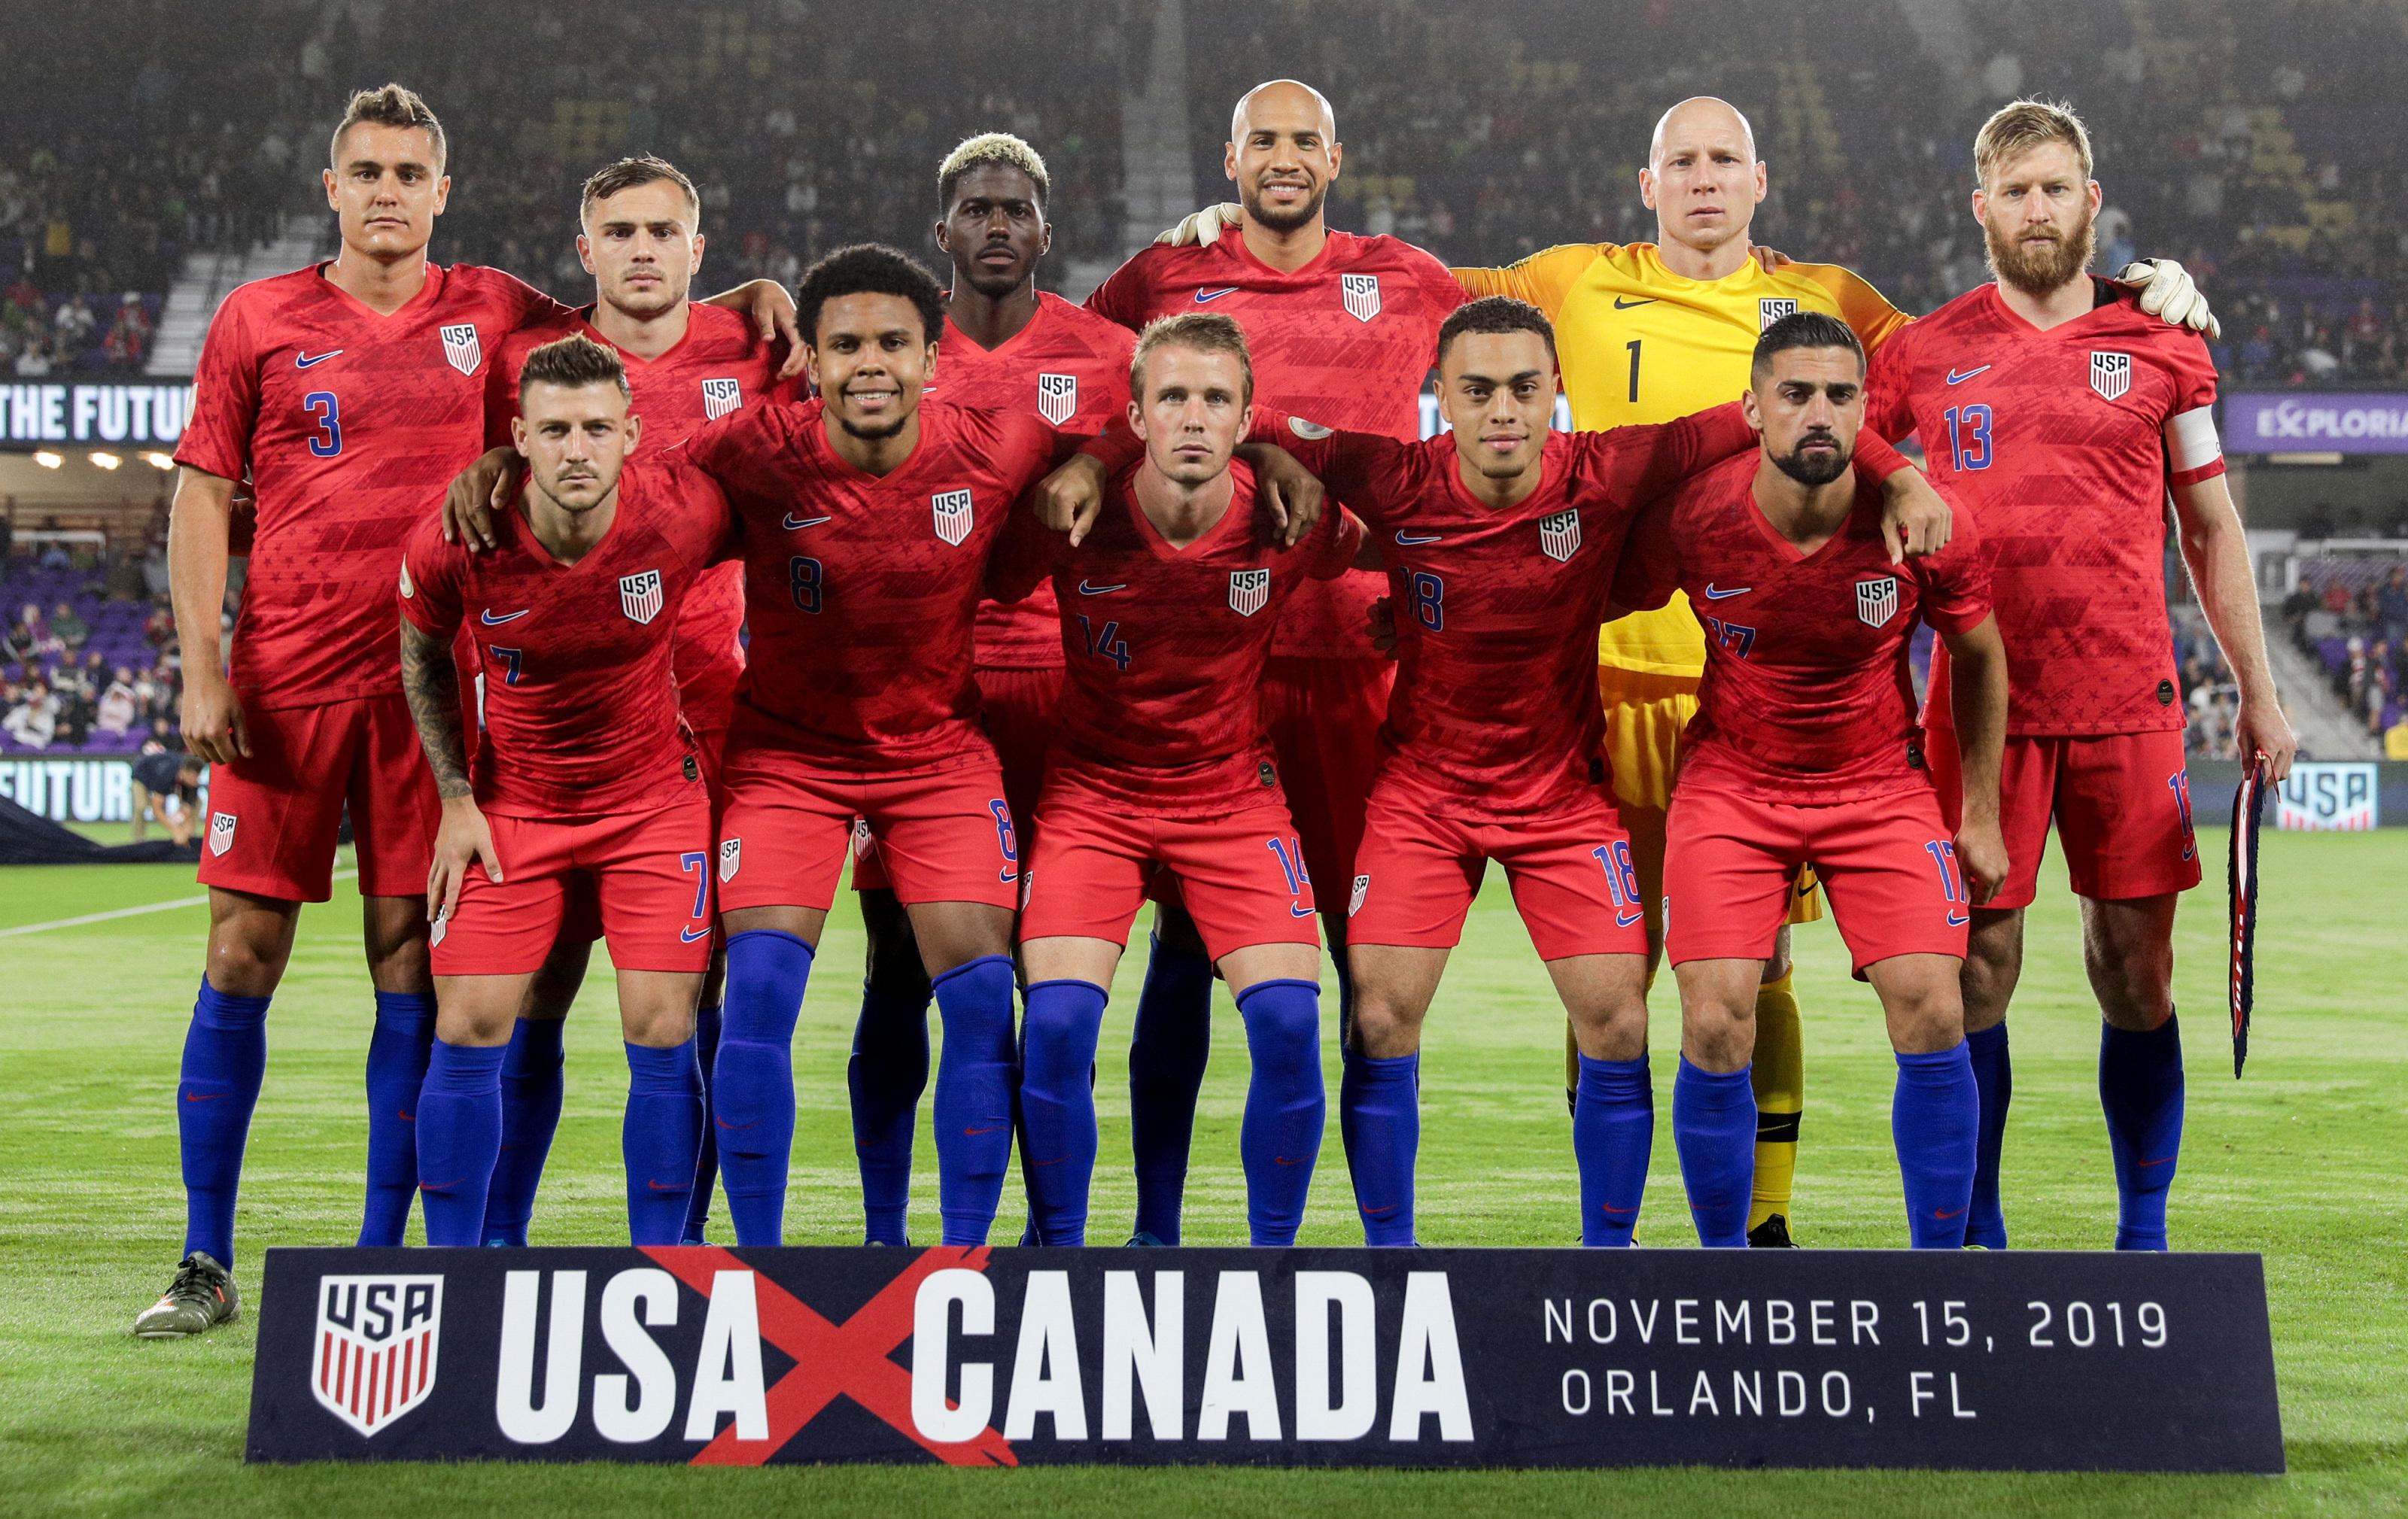 Risultato immagini per us men soccer team photo 2020